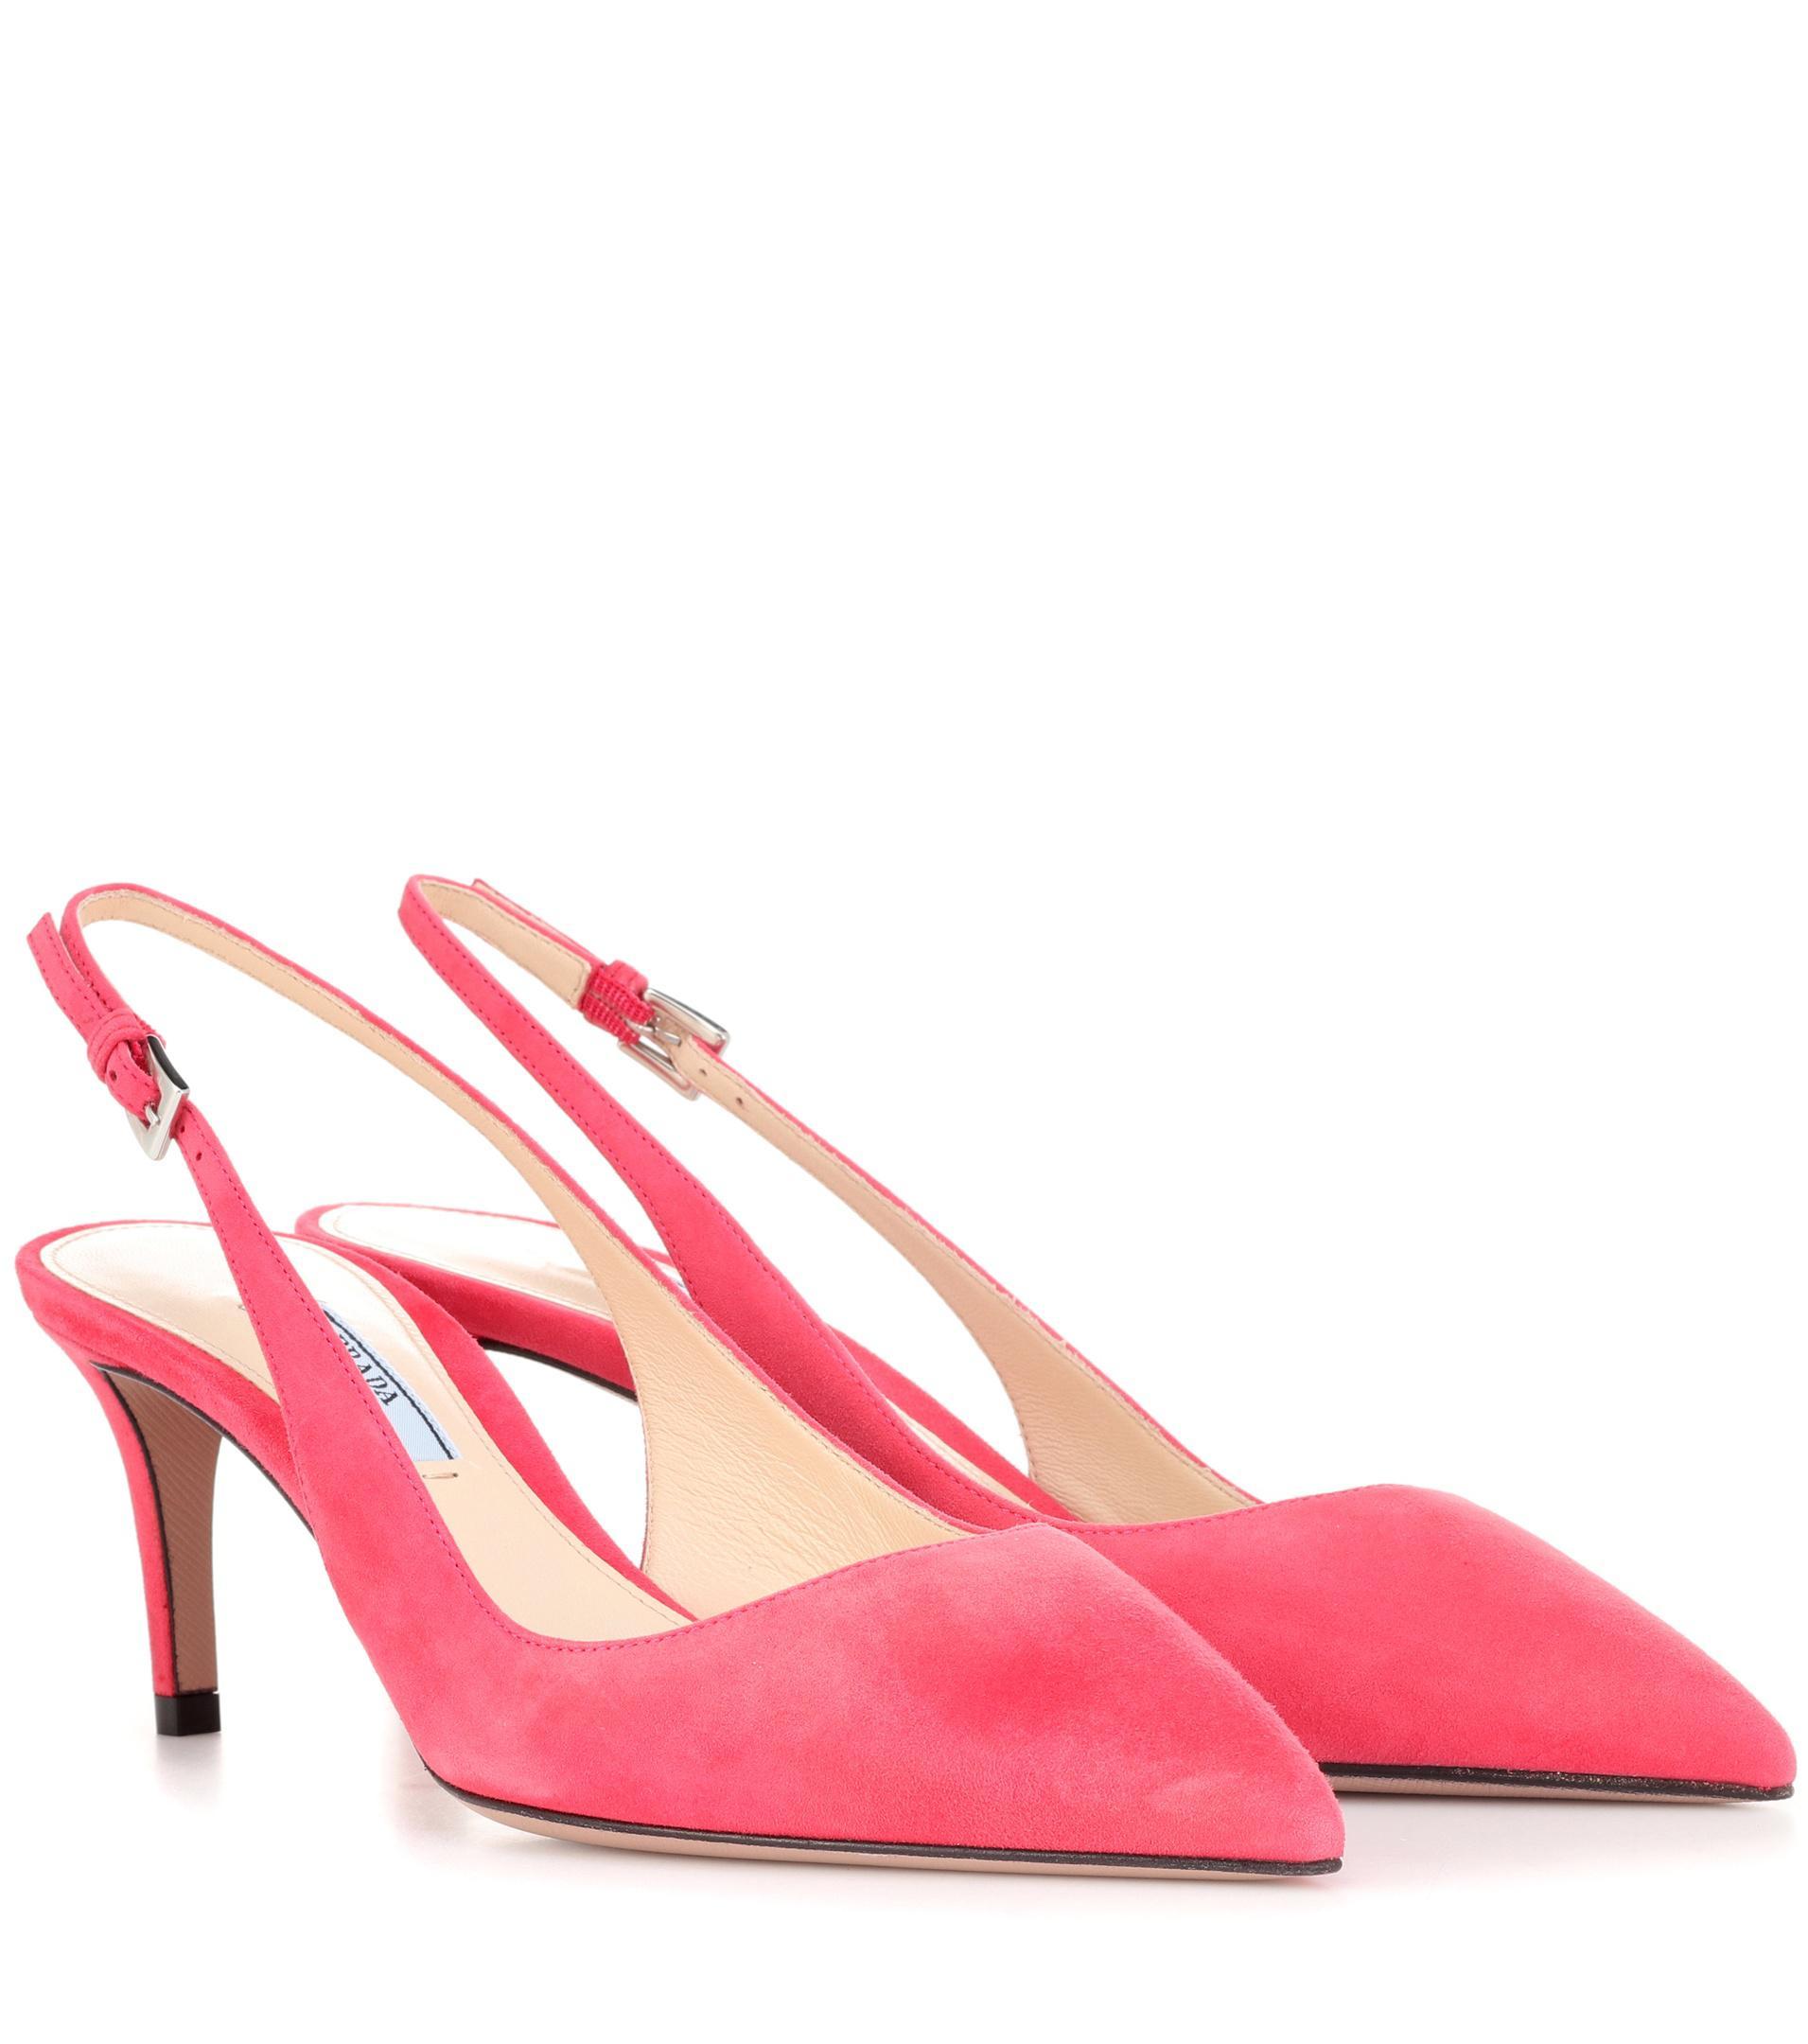 e3b43e3a092 Lyst - Prada Suede Slingback Pumps in Pink